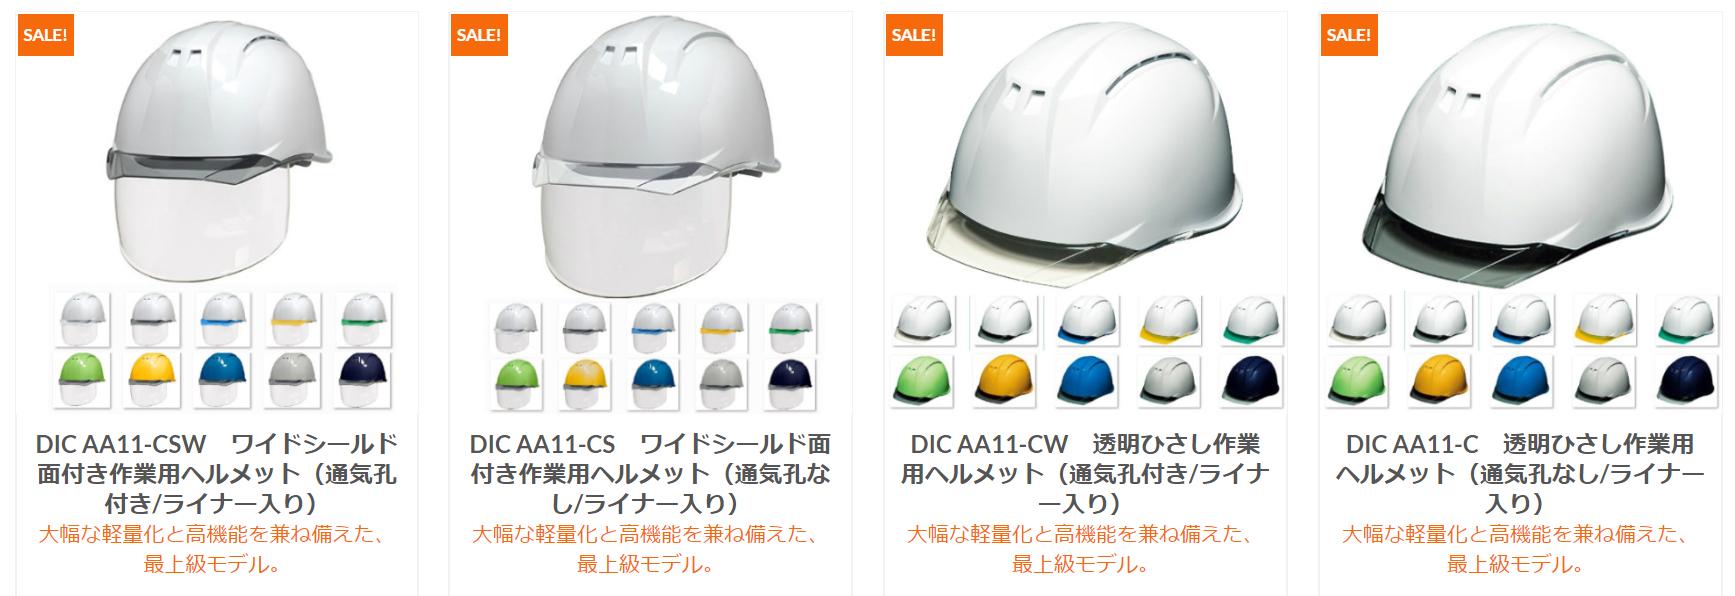 DIC AA11 シールド面 バナー